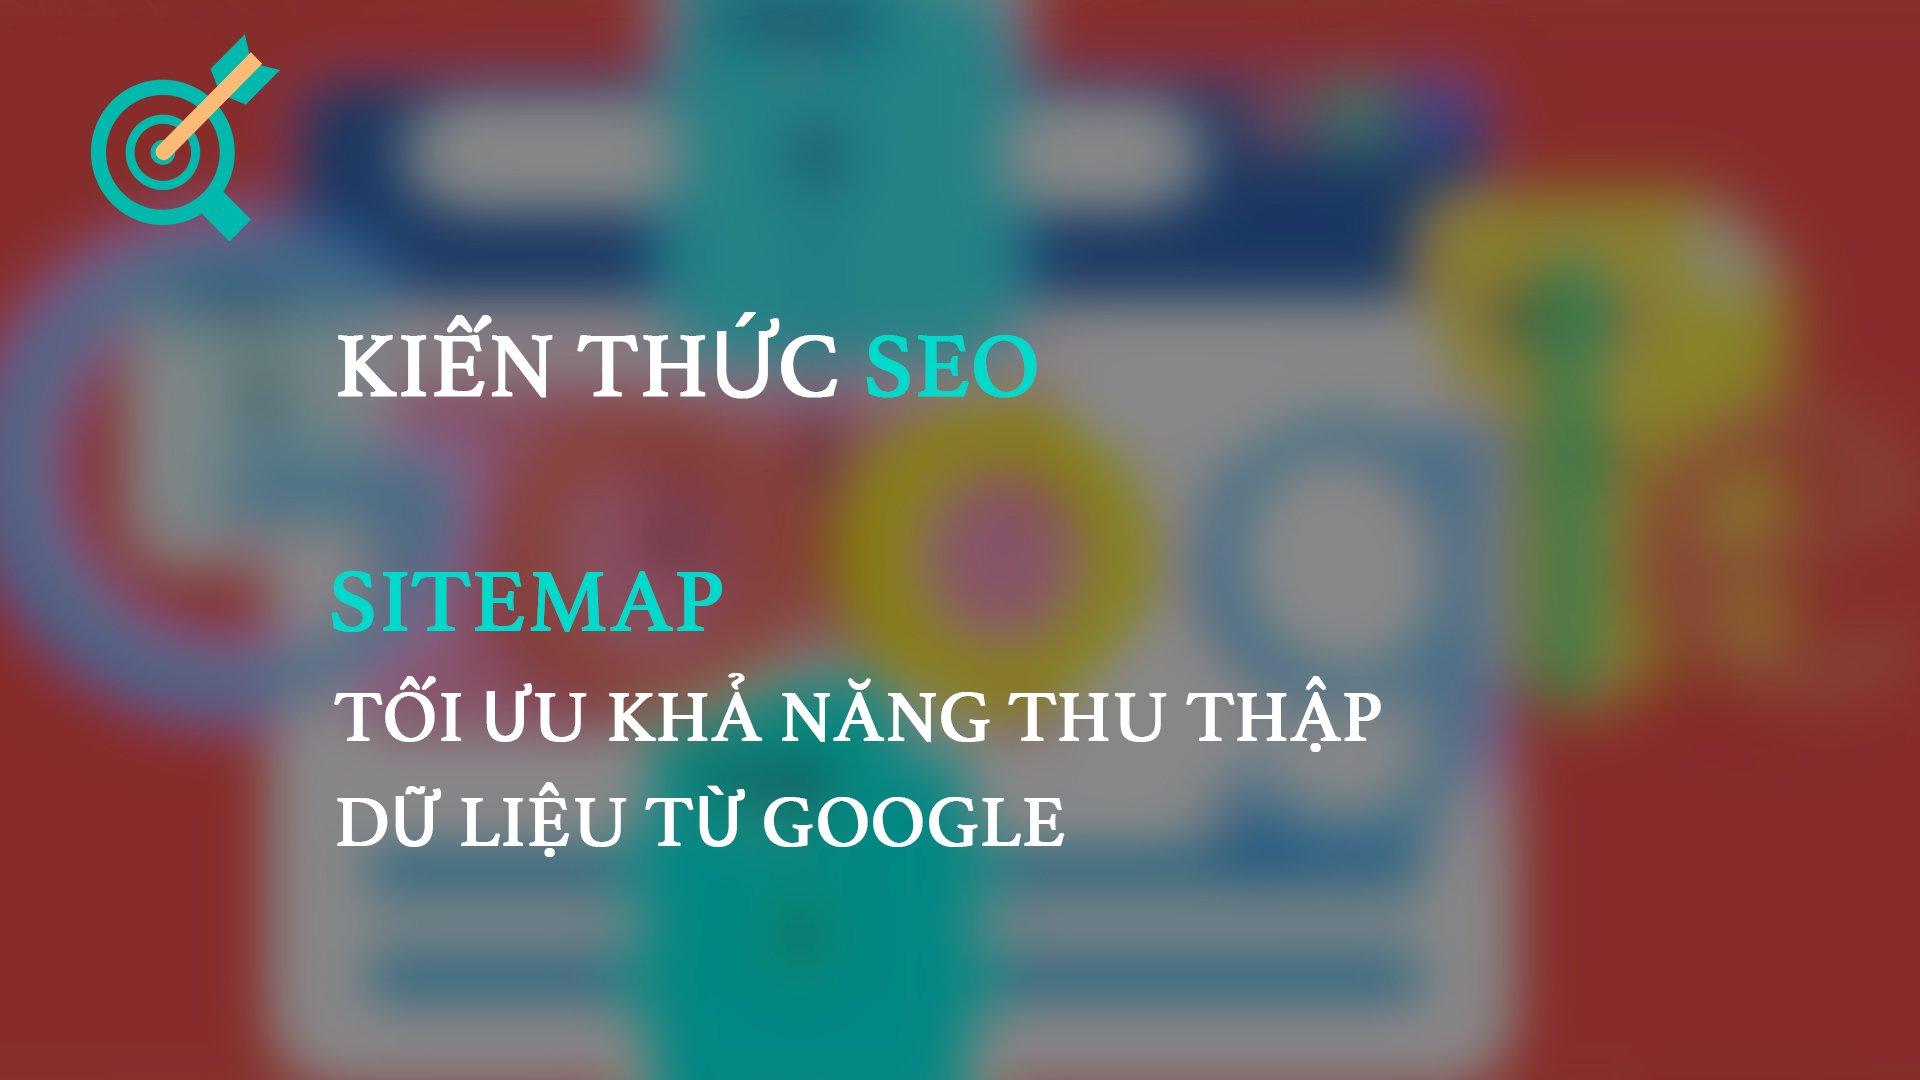 Sitemap – Tối ưu khả năng thu thập dữ liệu từ Google